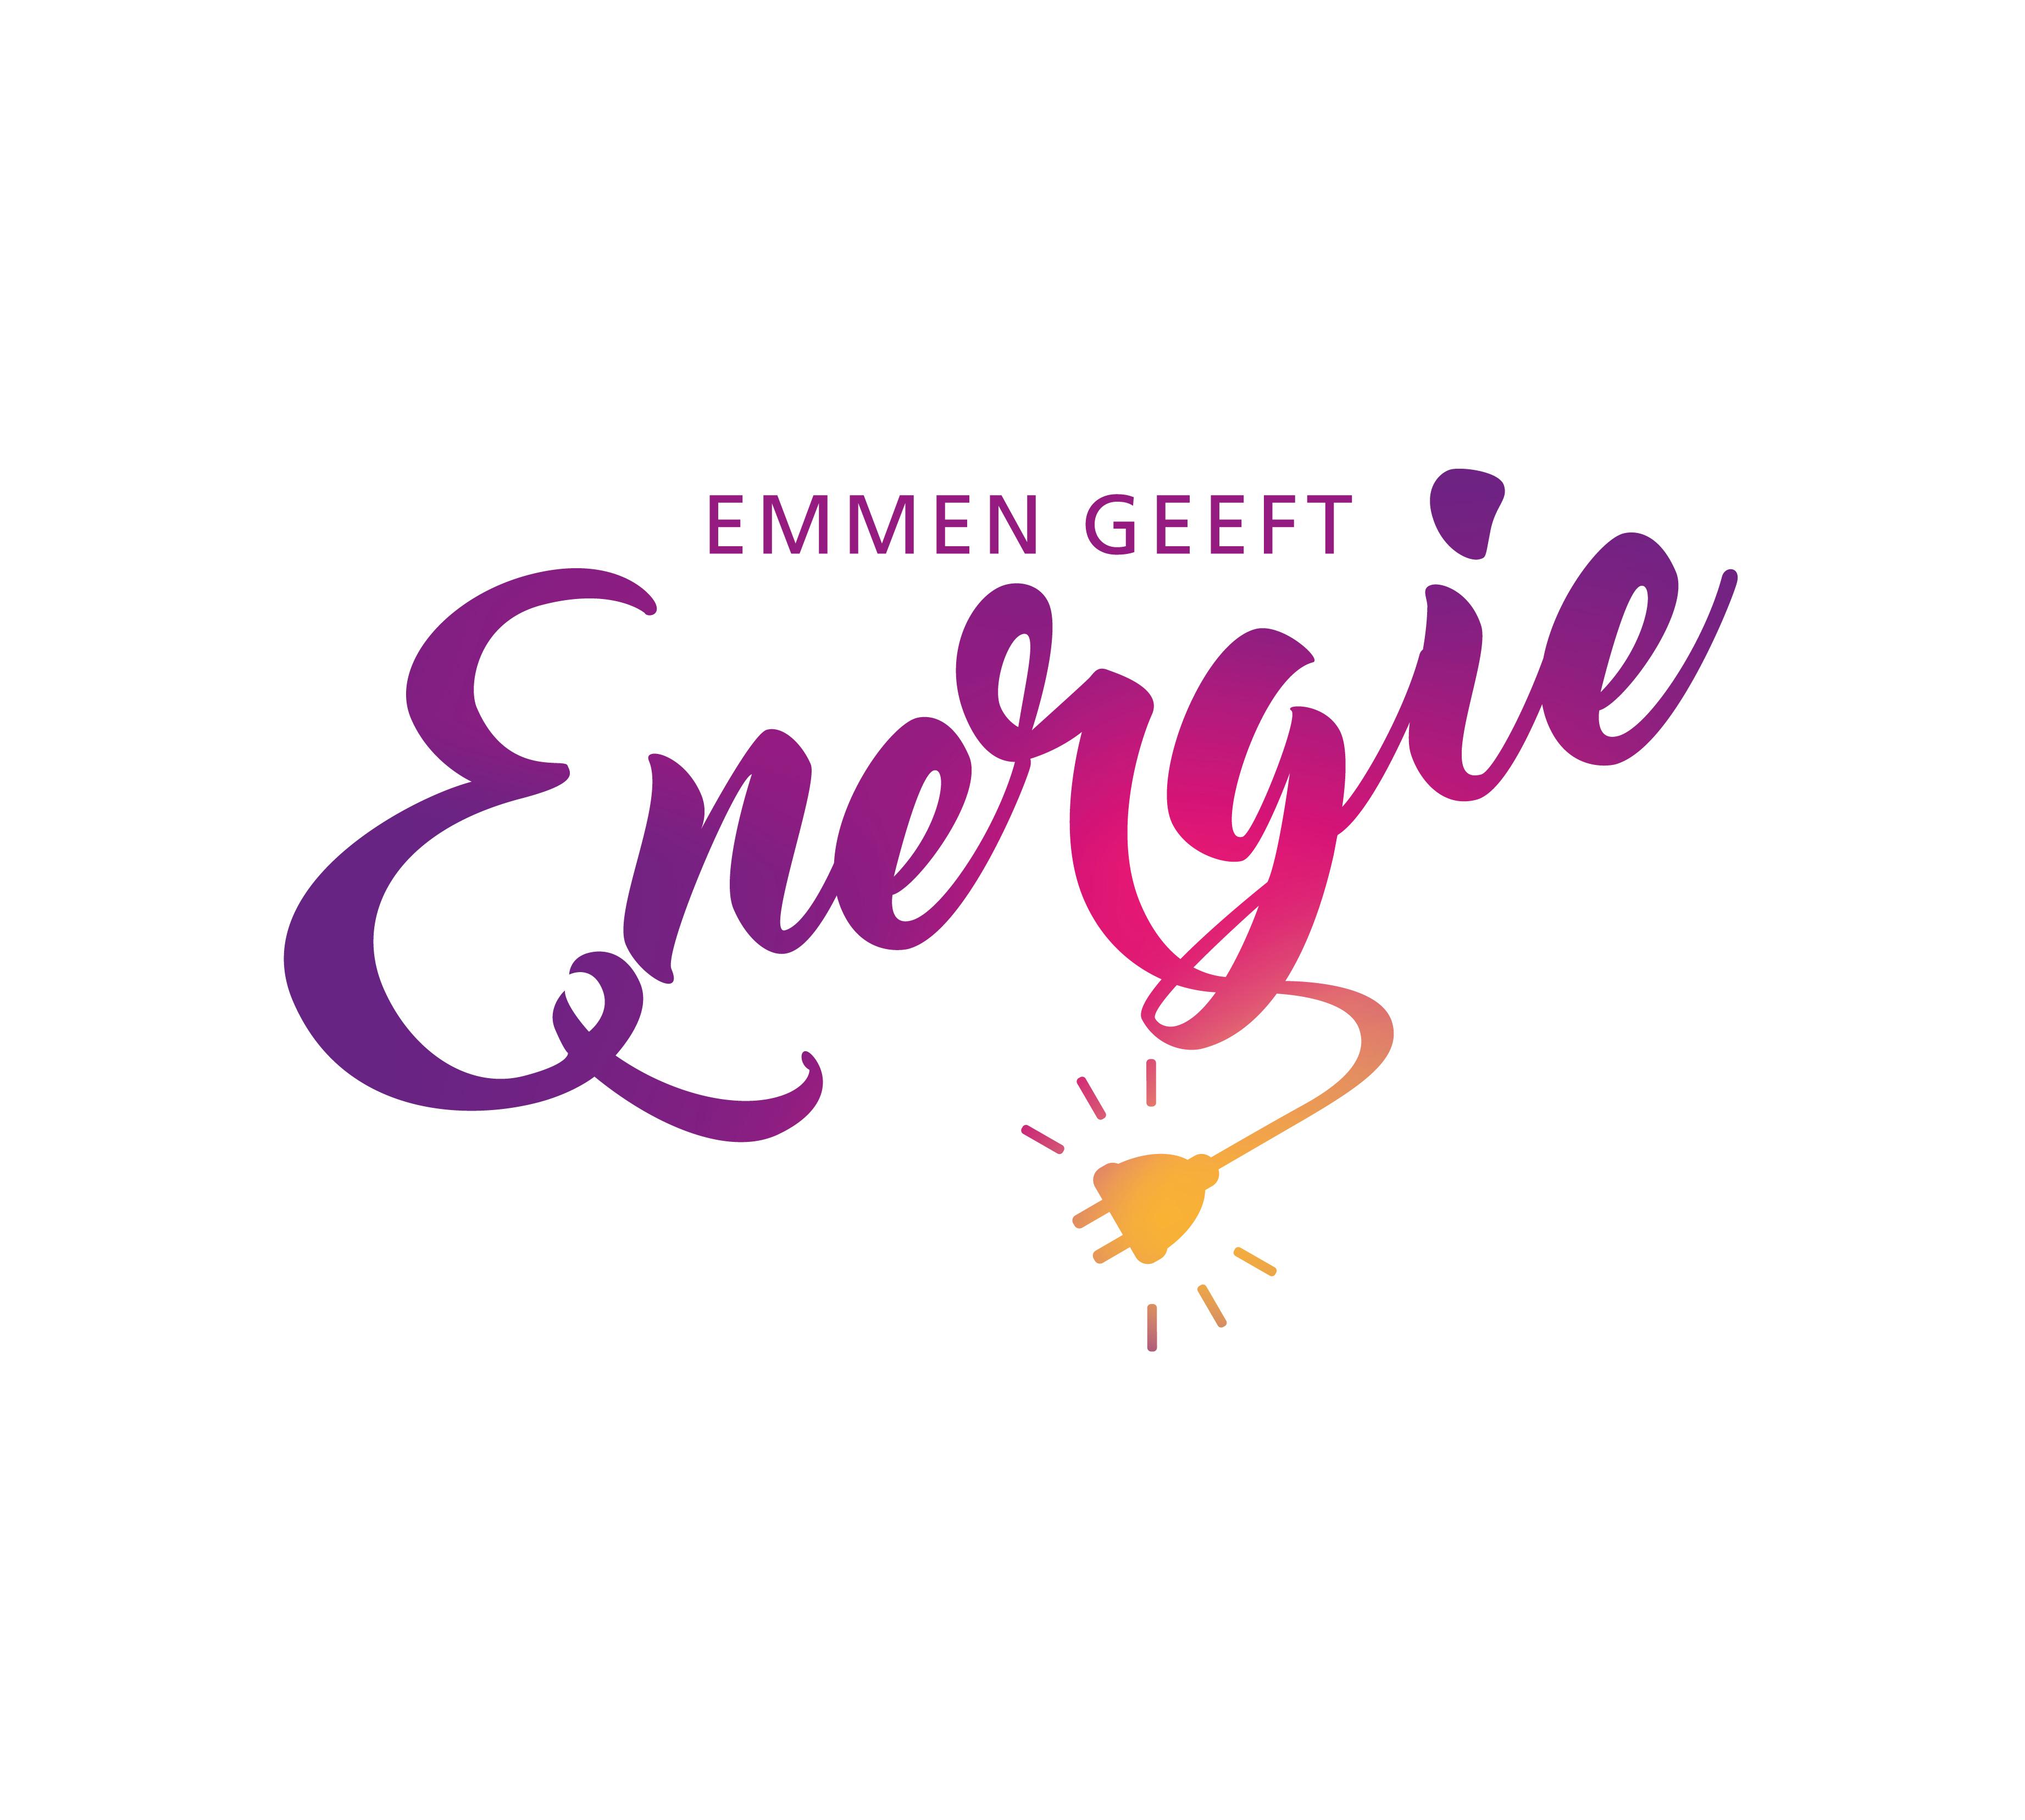 Emmen geeft Energie